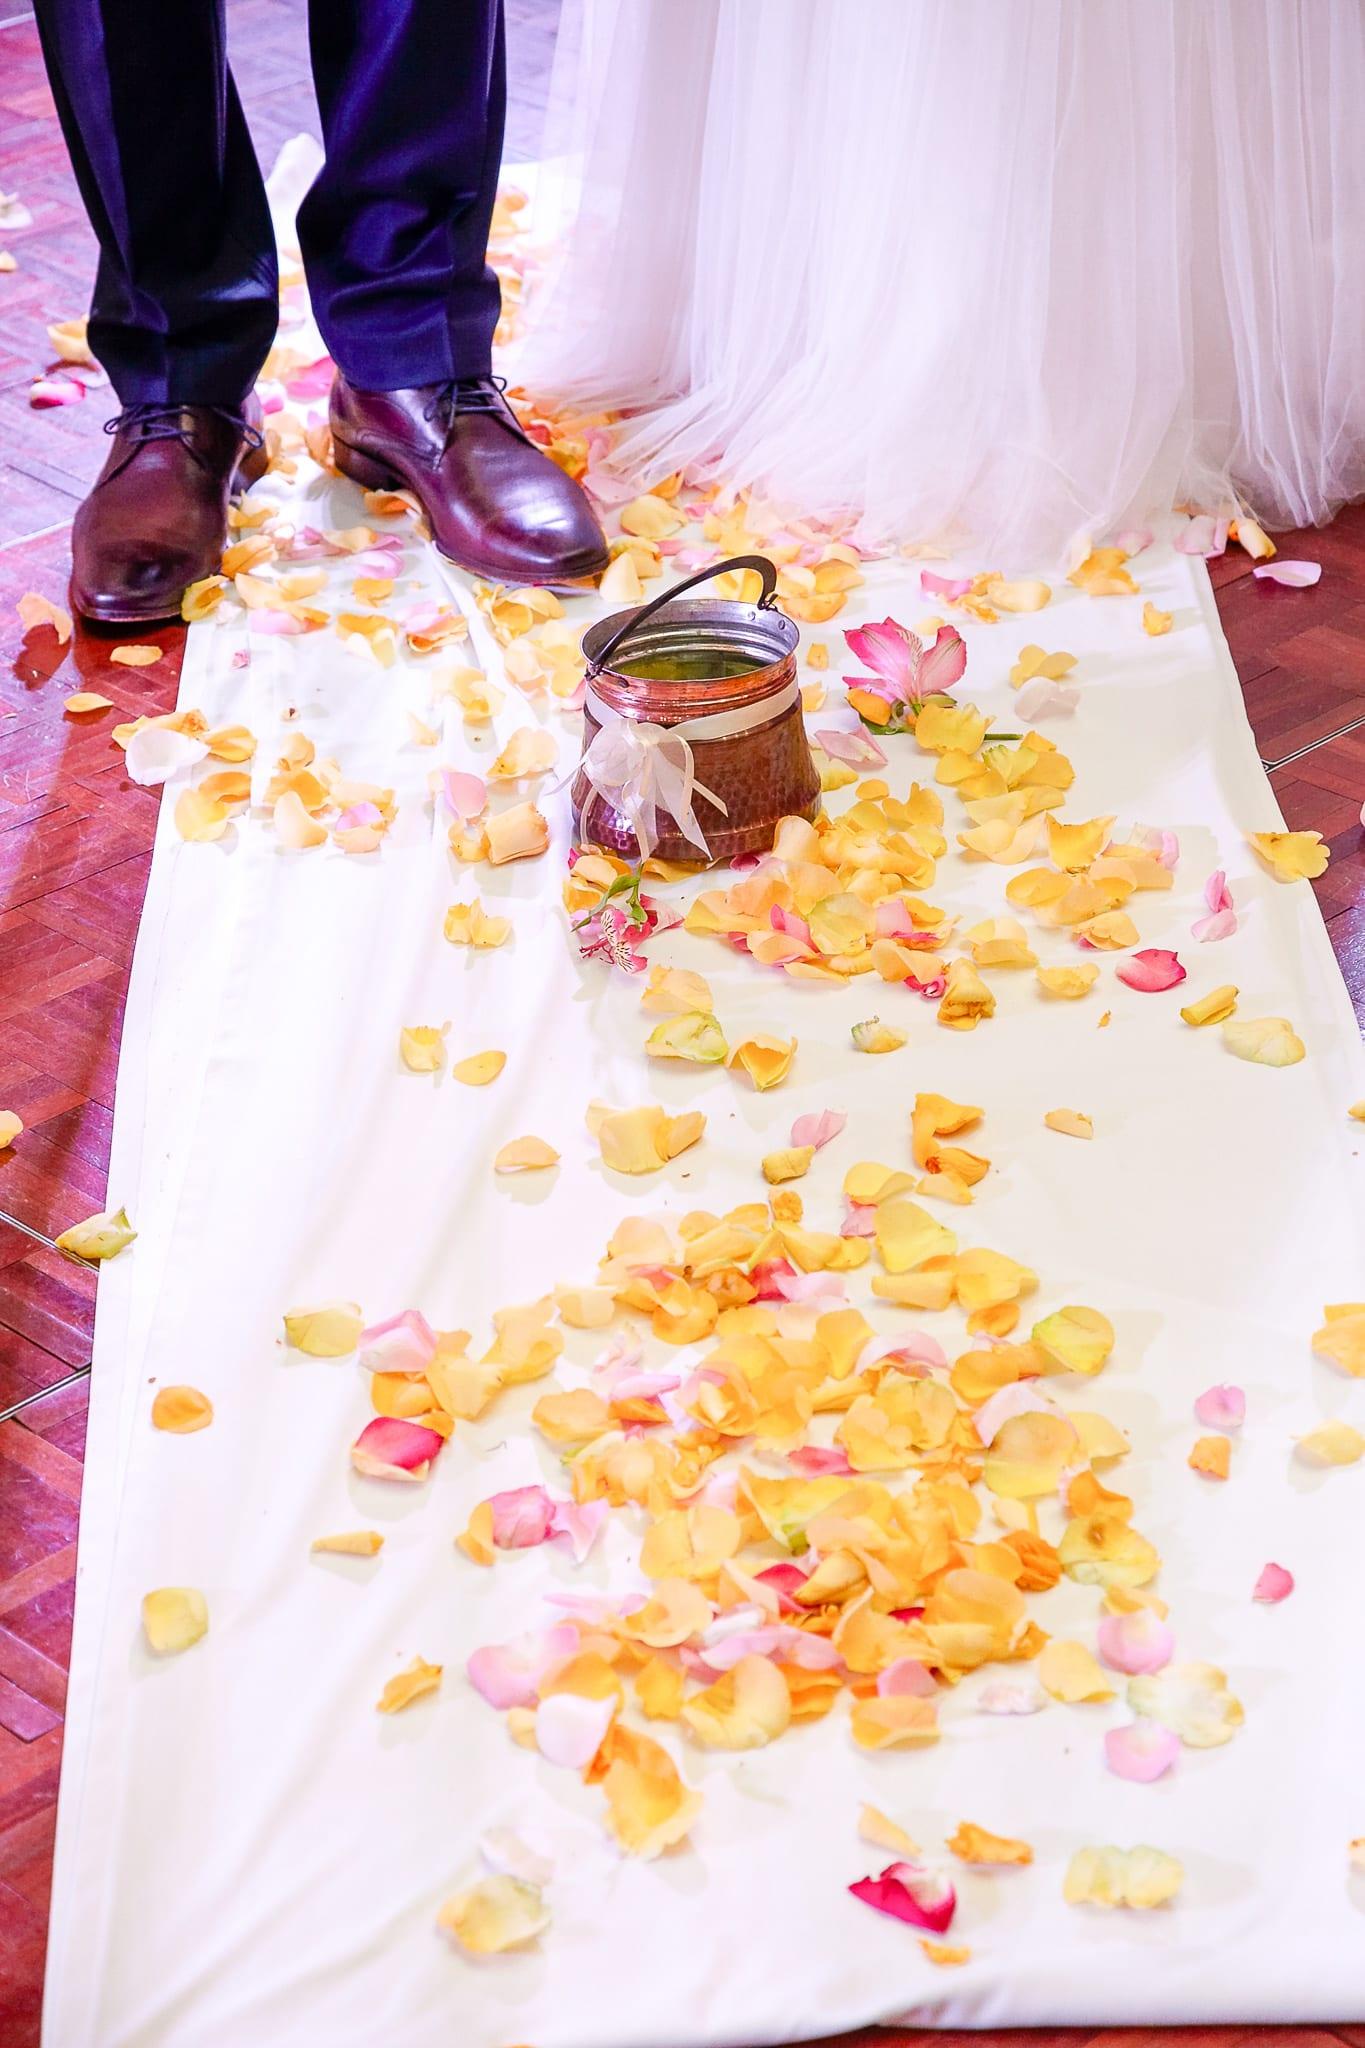 български сватбени традиции, менче за сватбена церемония по посрещане на младоженците в ресторанта, декорация на сватбена агенция Приказен ден, сватбен агент Мариела Уилсън